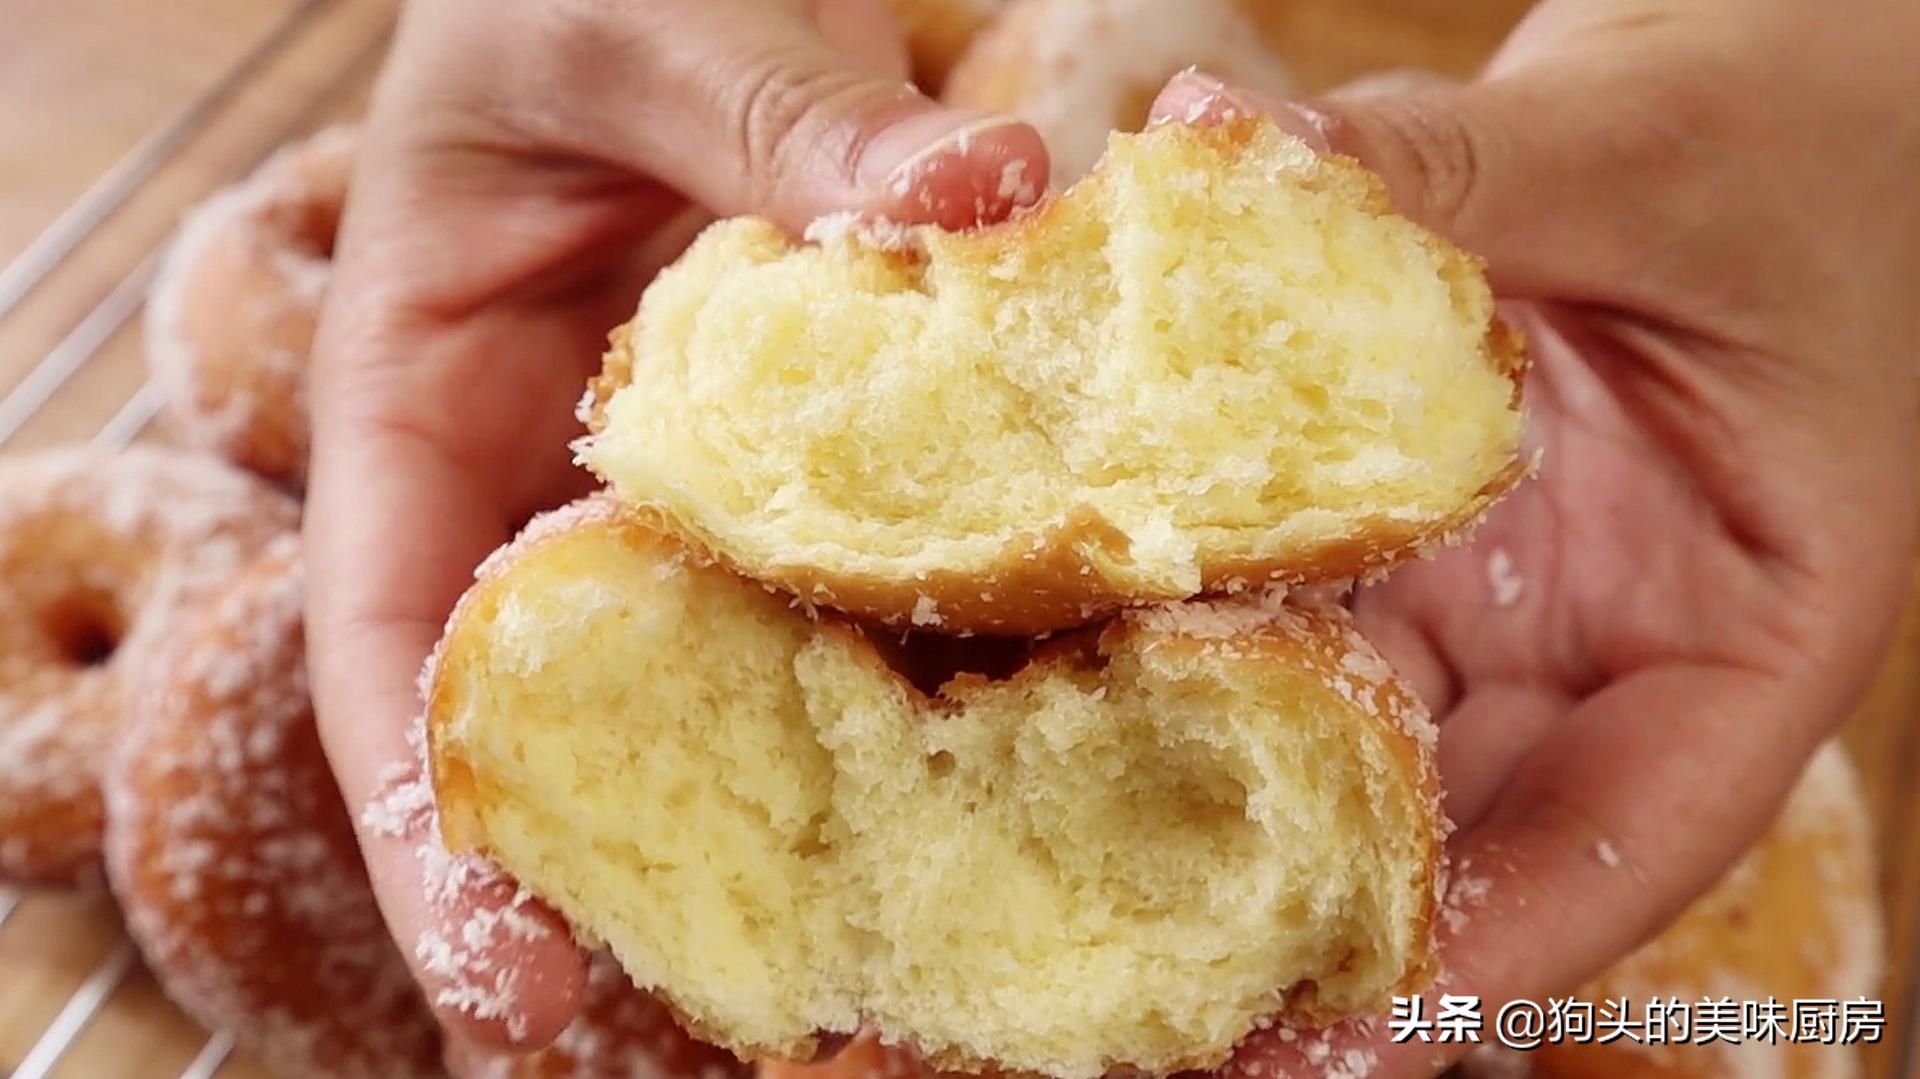 一碗面粉,3个鸡蛋,手指一戳一转,香甜松软,比买的面包还好吃 美食做法 第3张